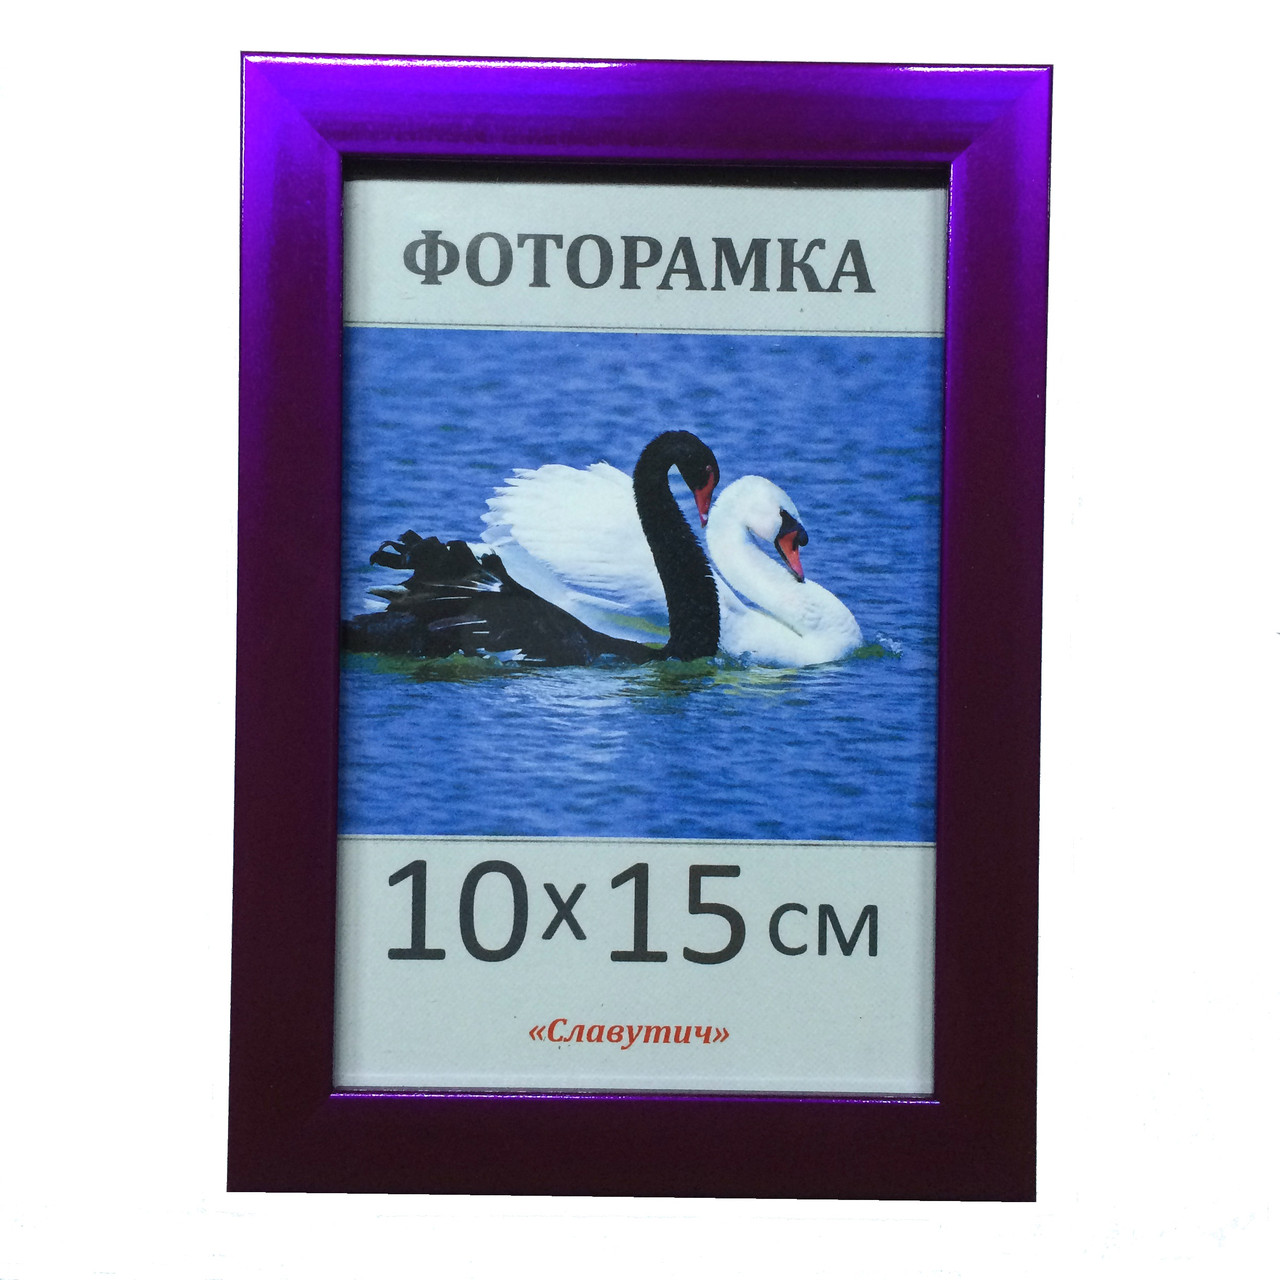 Фоторамка пластиковая 10х15, рамка для фото 1611-37 - Укрсклосервис, ООО в Киевской области